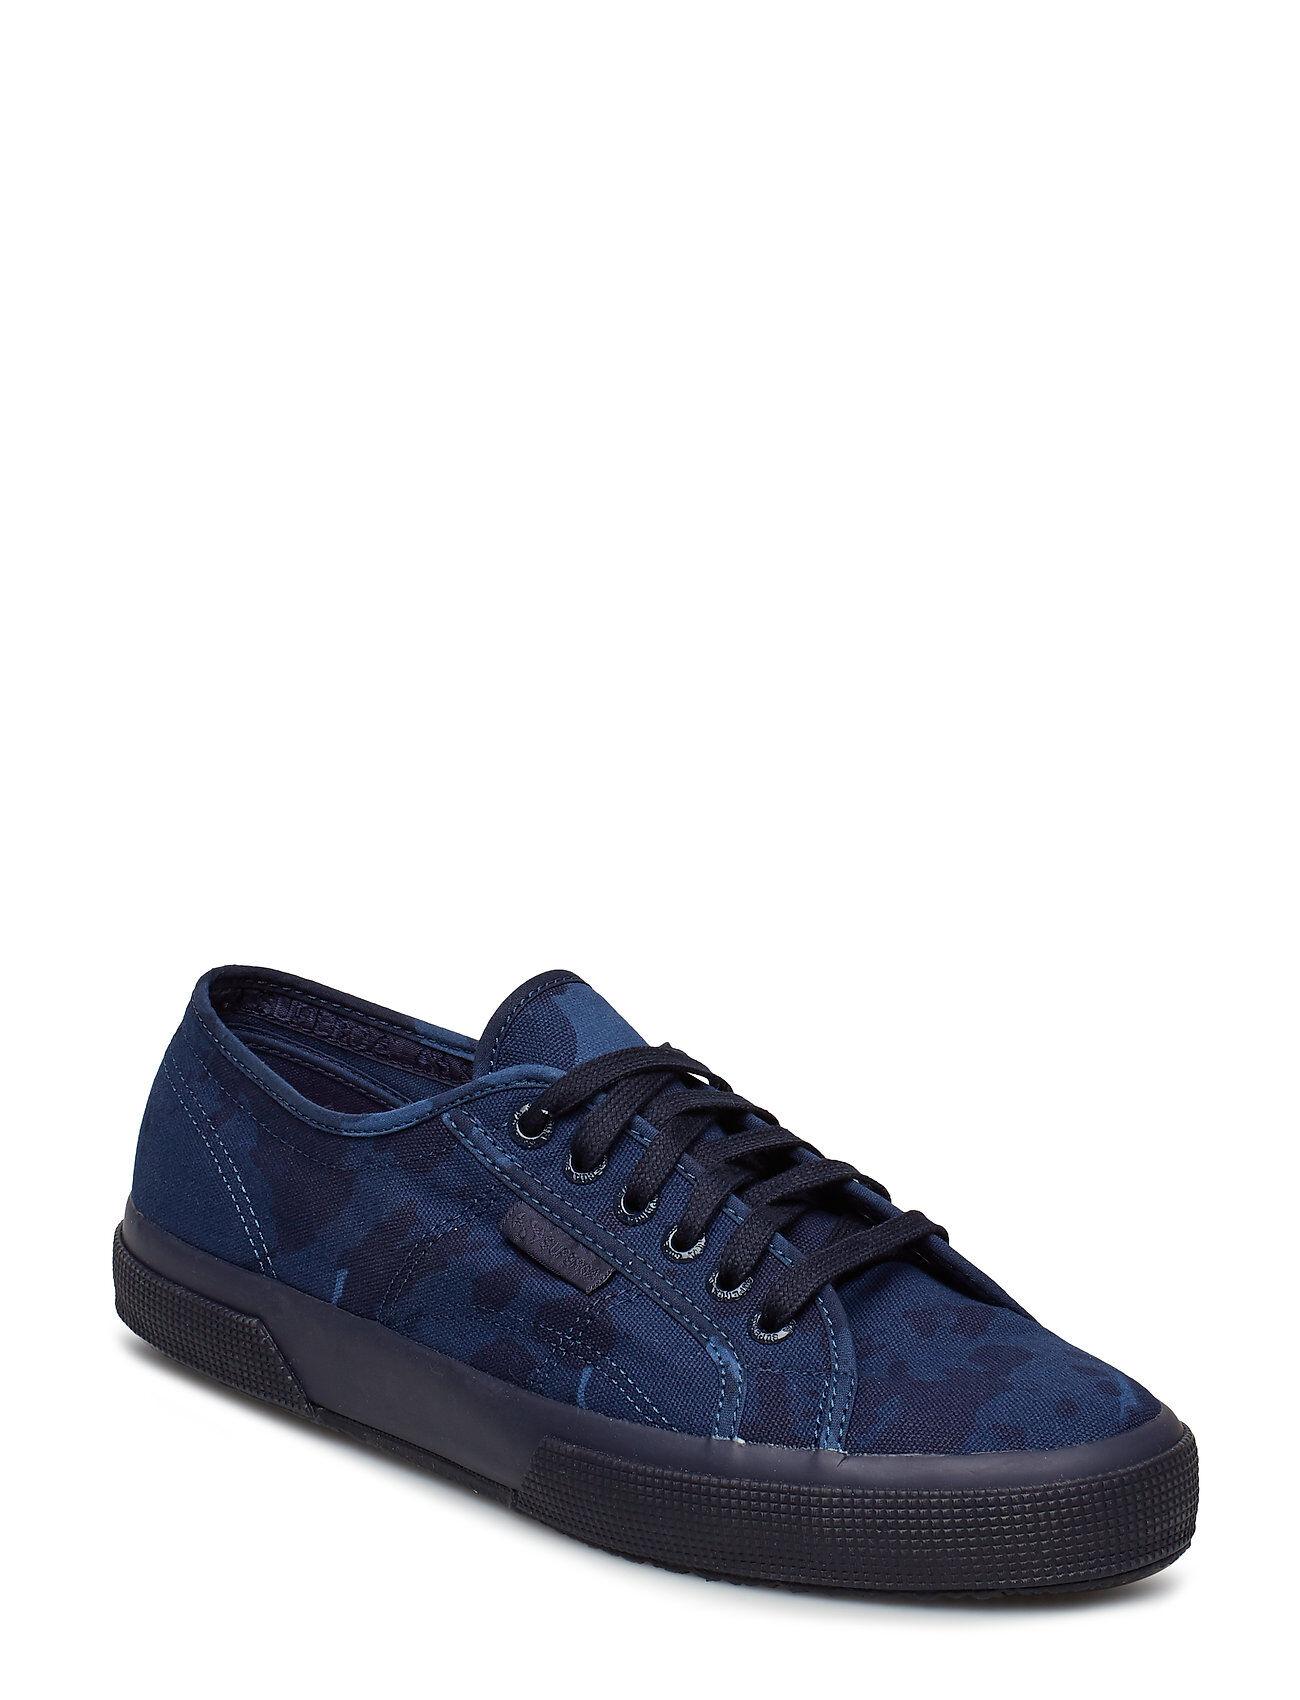 Superga 2750 Fancotu Matalavartiset Sneakerit Tennarit Sininen Superga